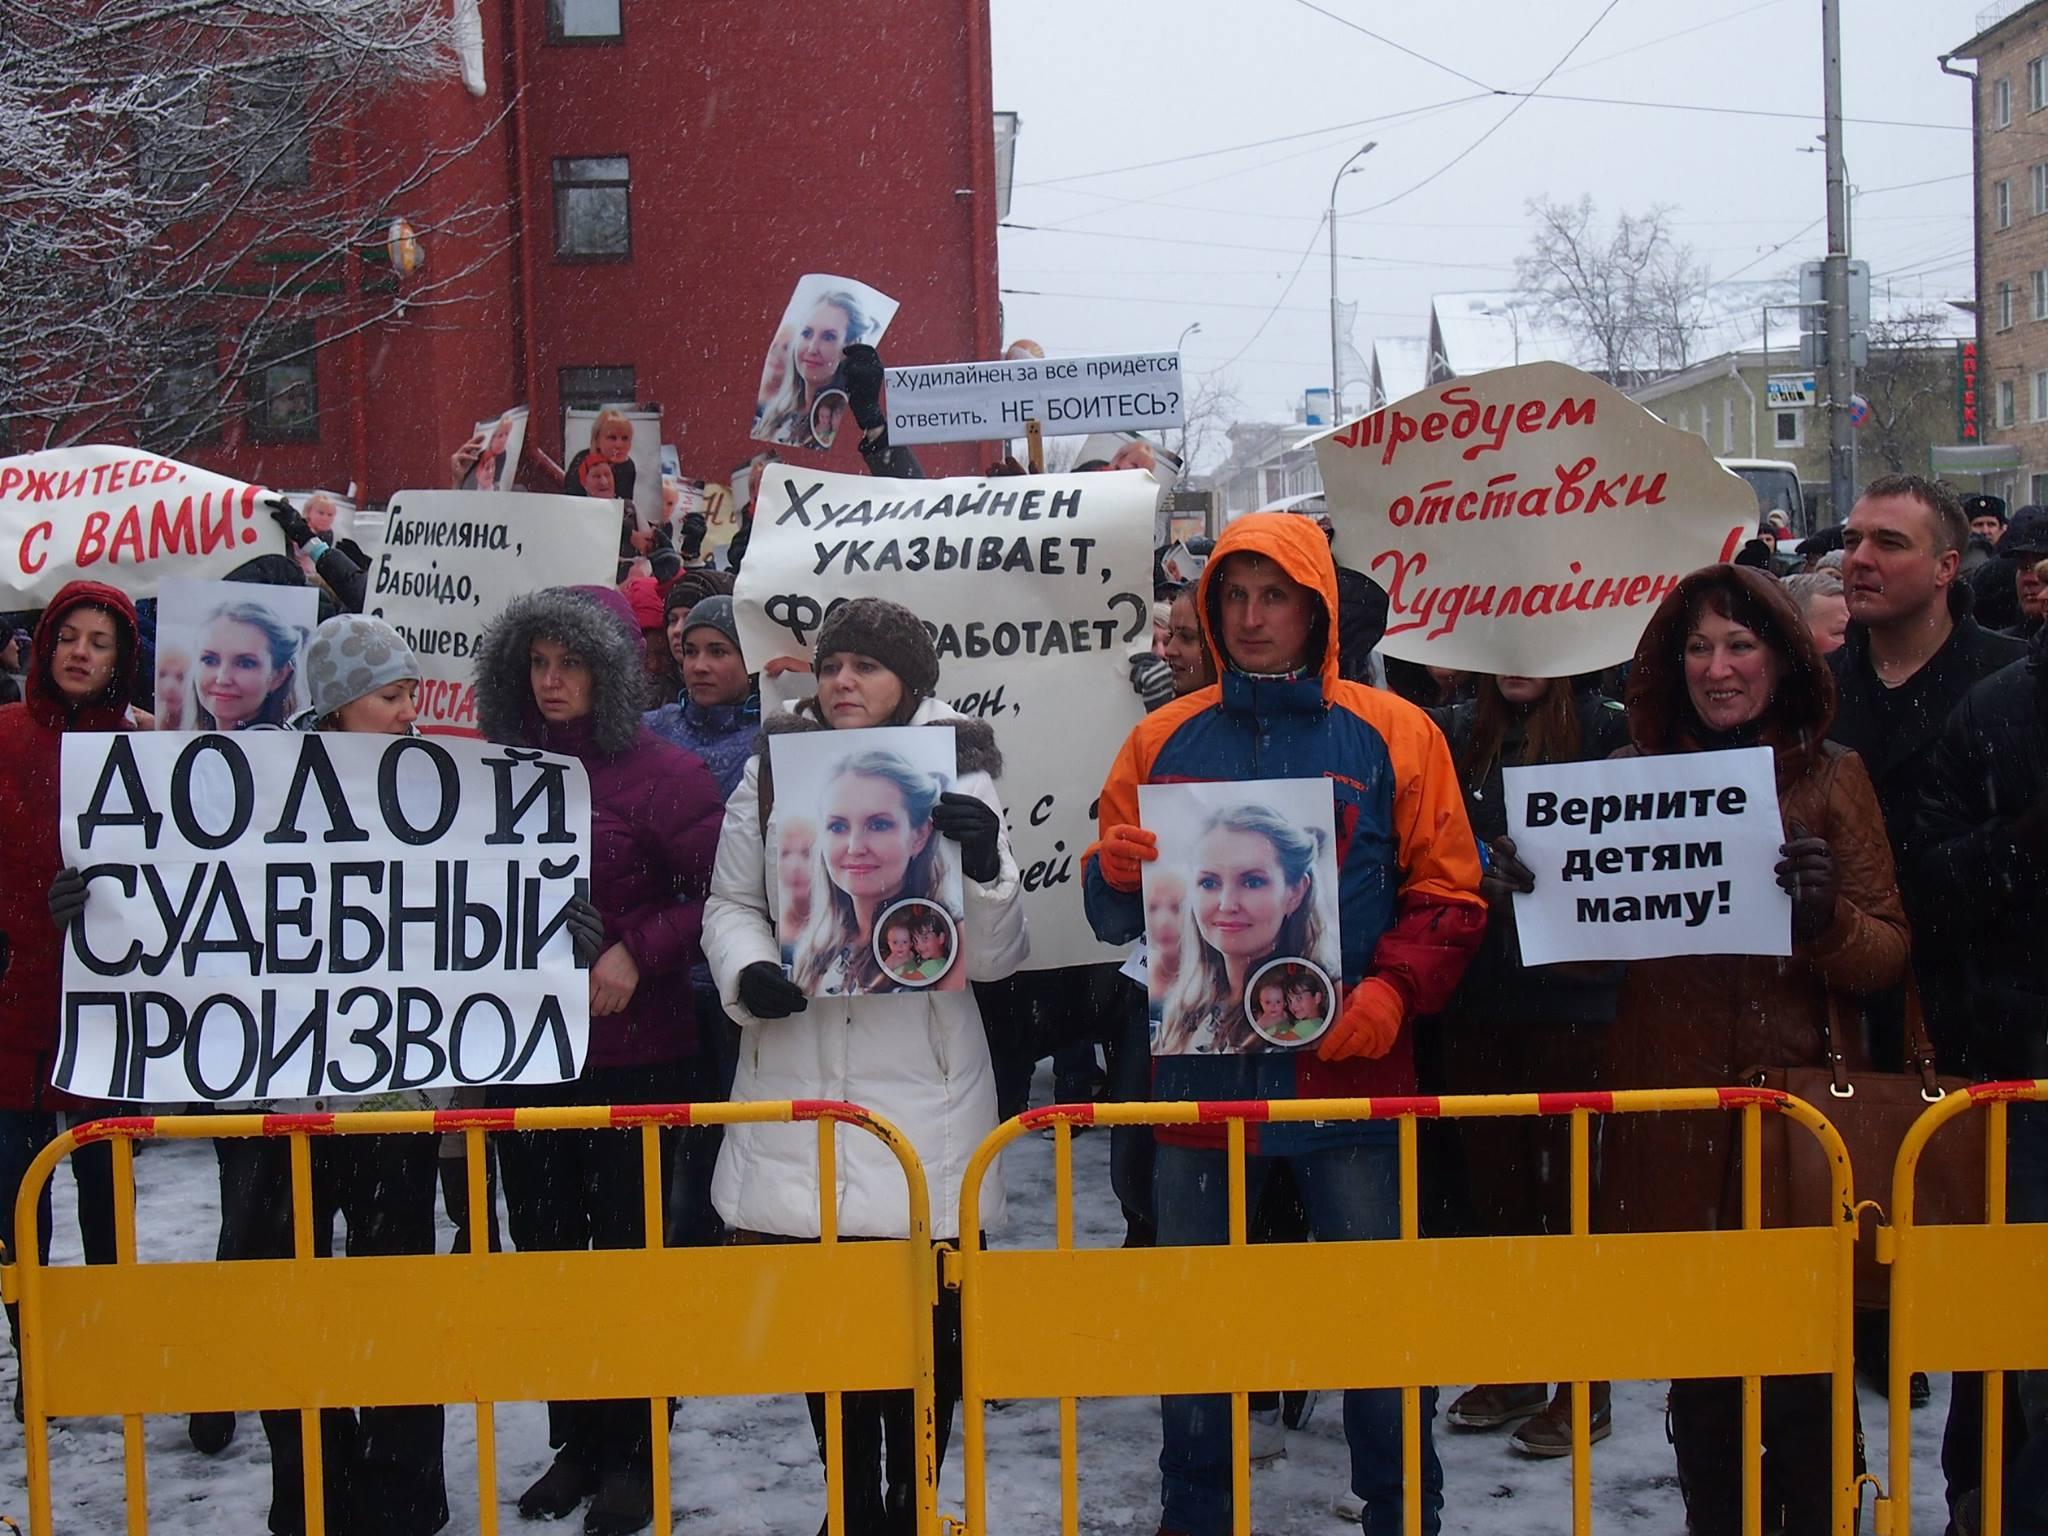 Пикет у правительства Карелии в защиту Ольги Залецкой. Фото: Валерий Поташов